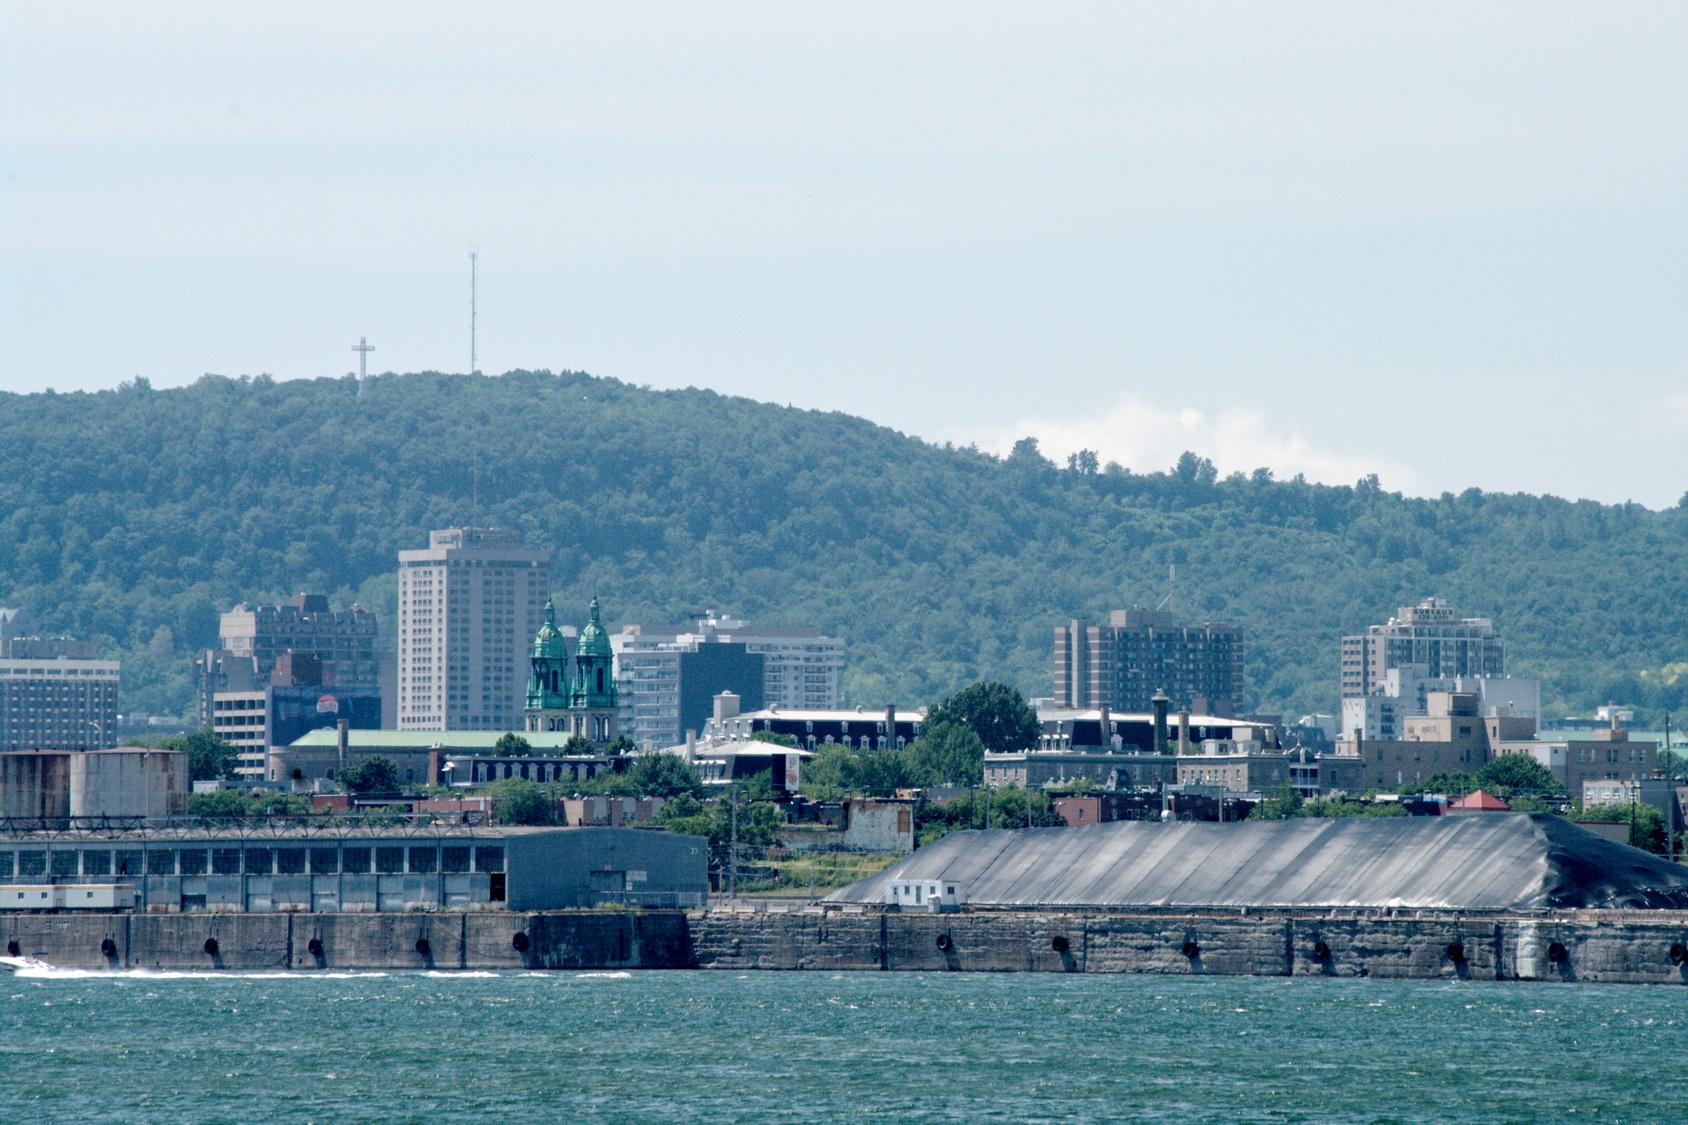 Le reportage photographique d'hier proposait une vue de la montagne de Montréal. Voici maintenant Montréal vu du fleuve